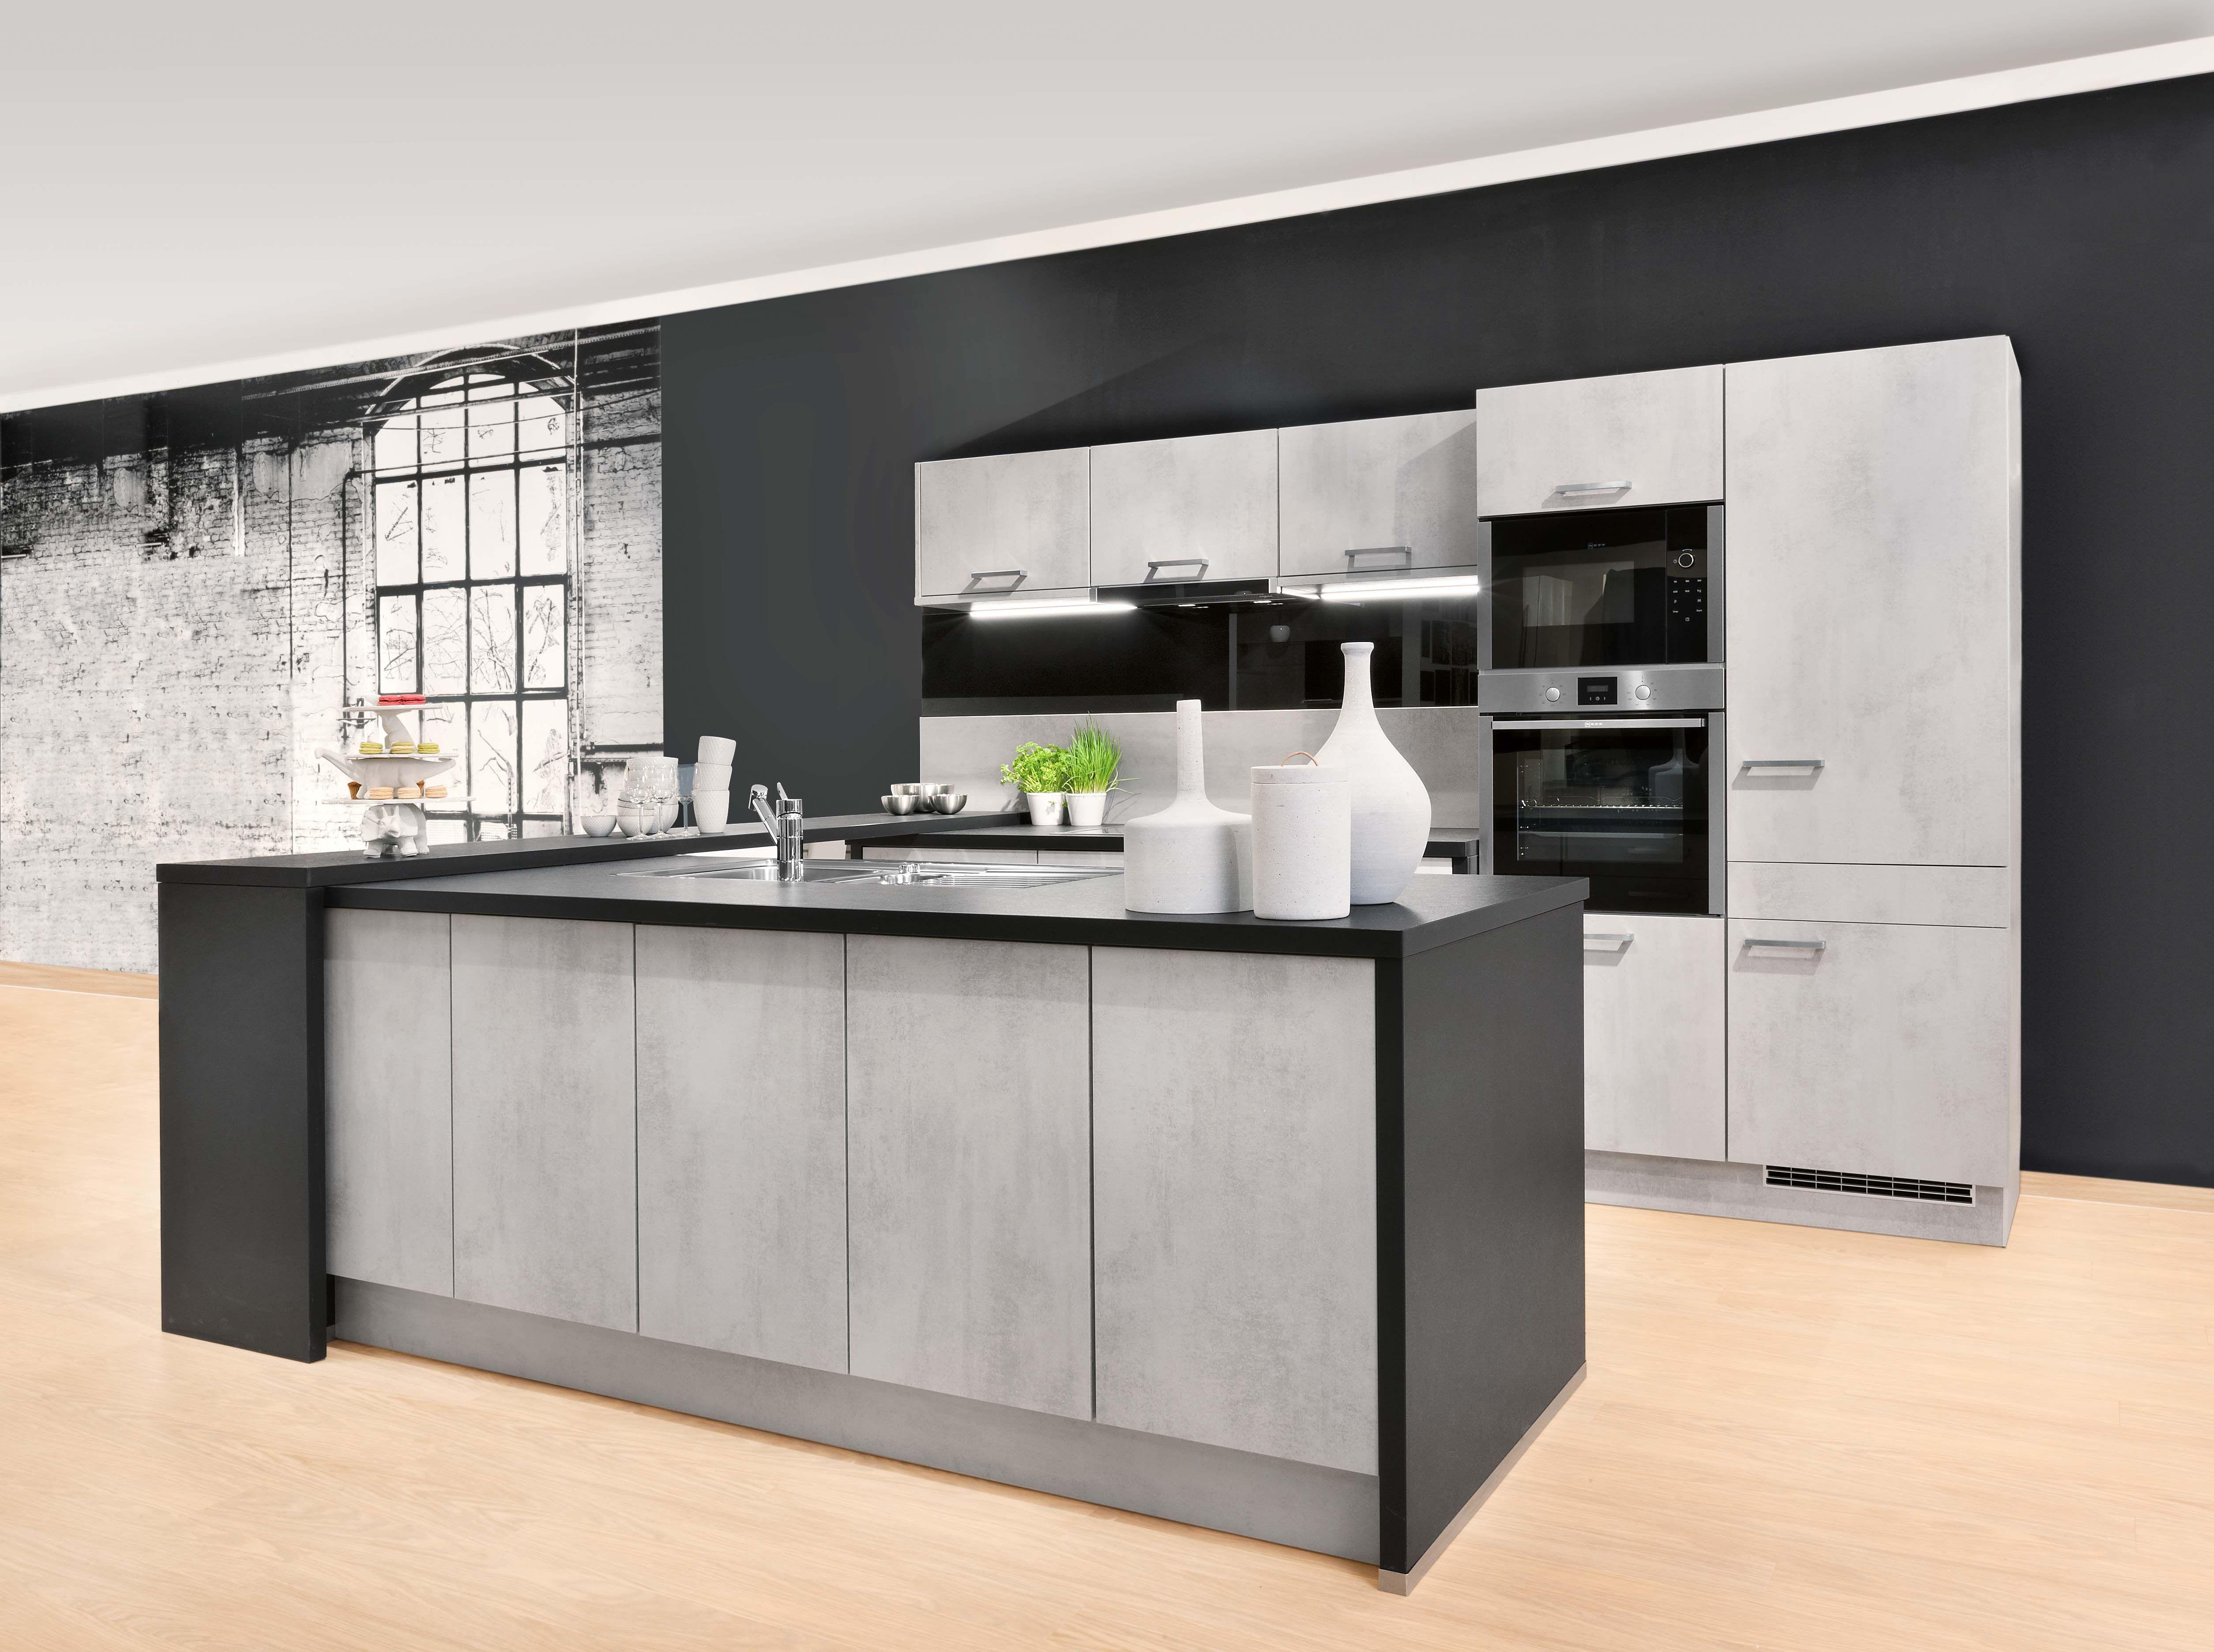 betonoptik küche modell 2093: unser bestseller | küche